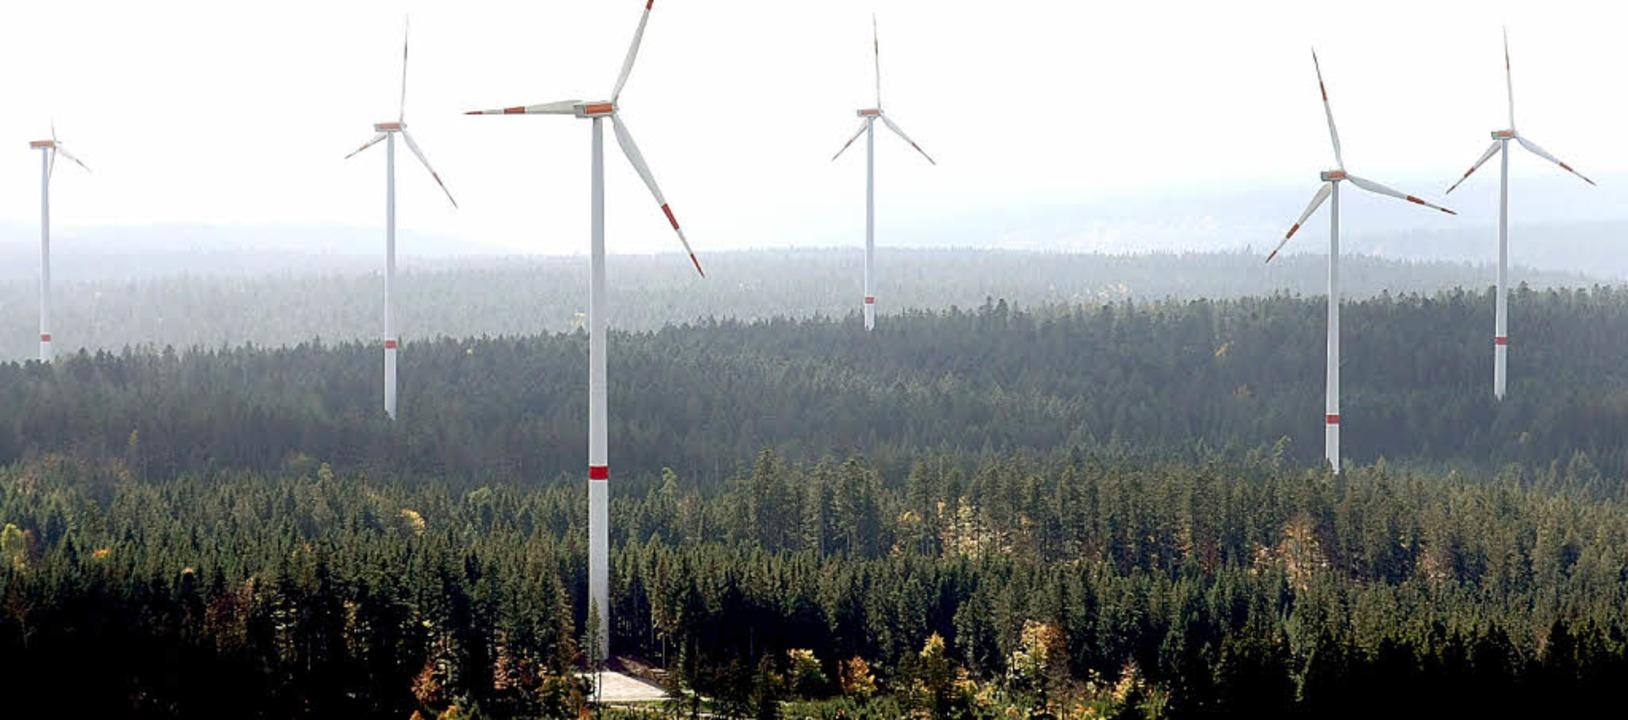 Ein Windpark mit bis zu 10 Windrädern ... Windpark Simmersfeld im Schwarzwald.     Foto: DPA